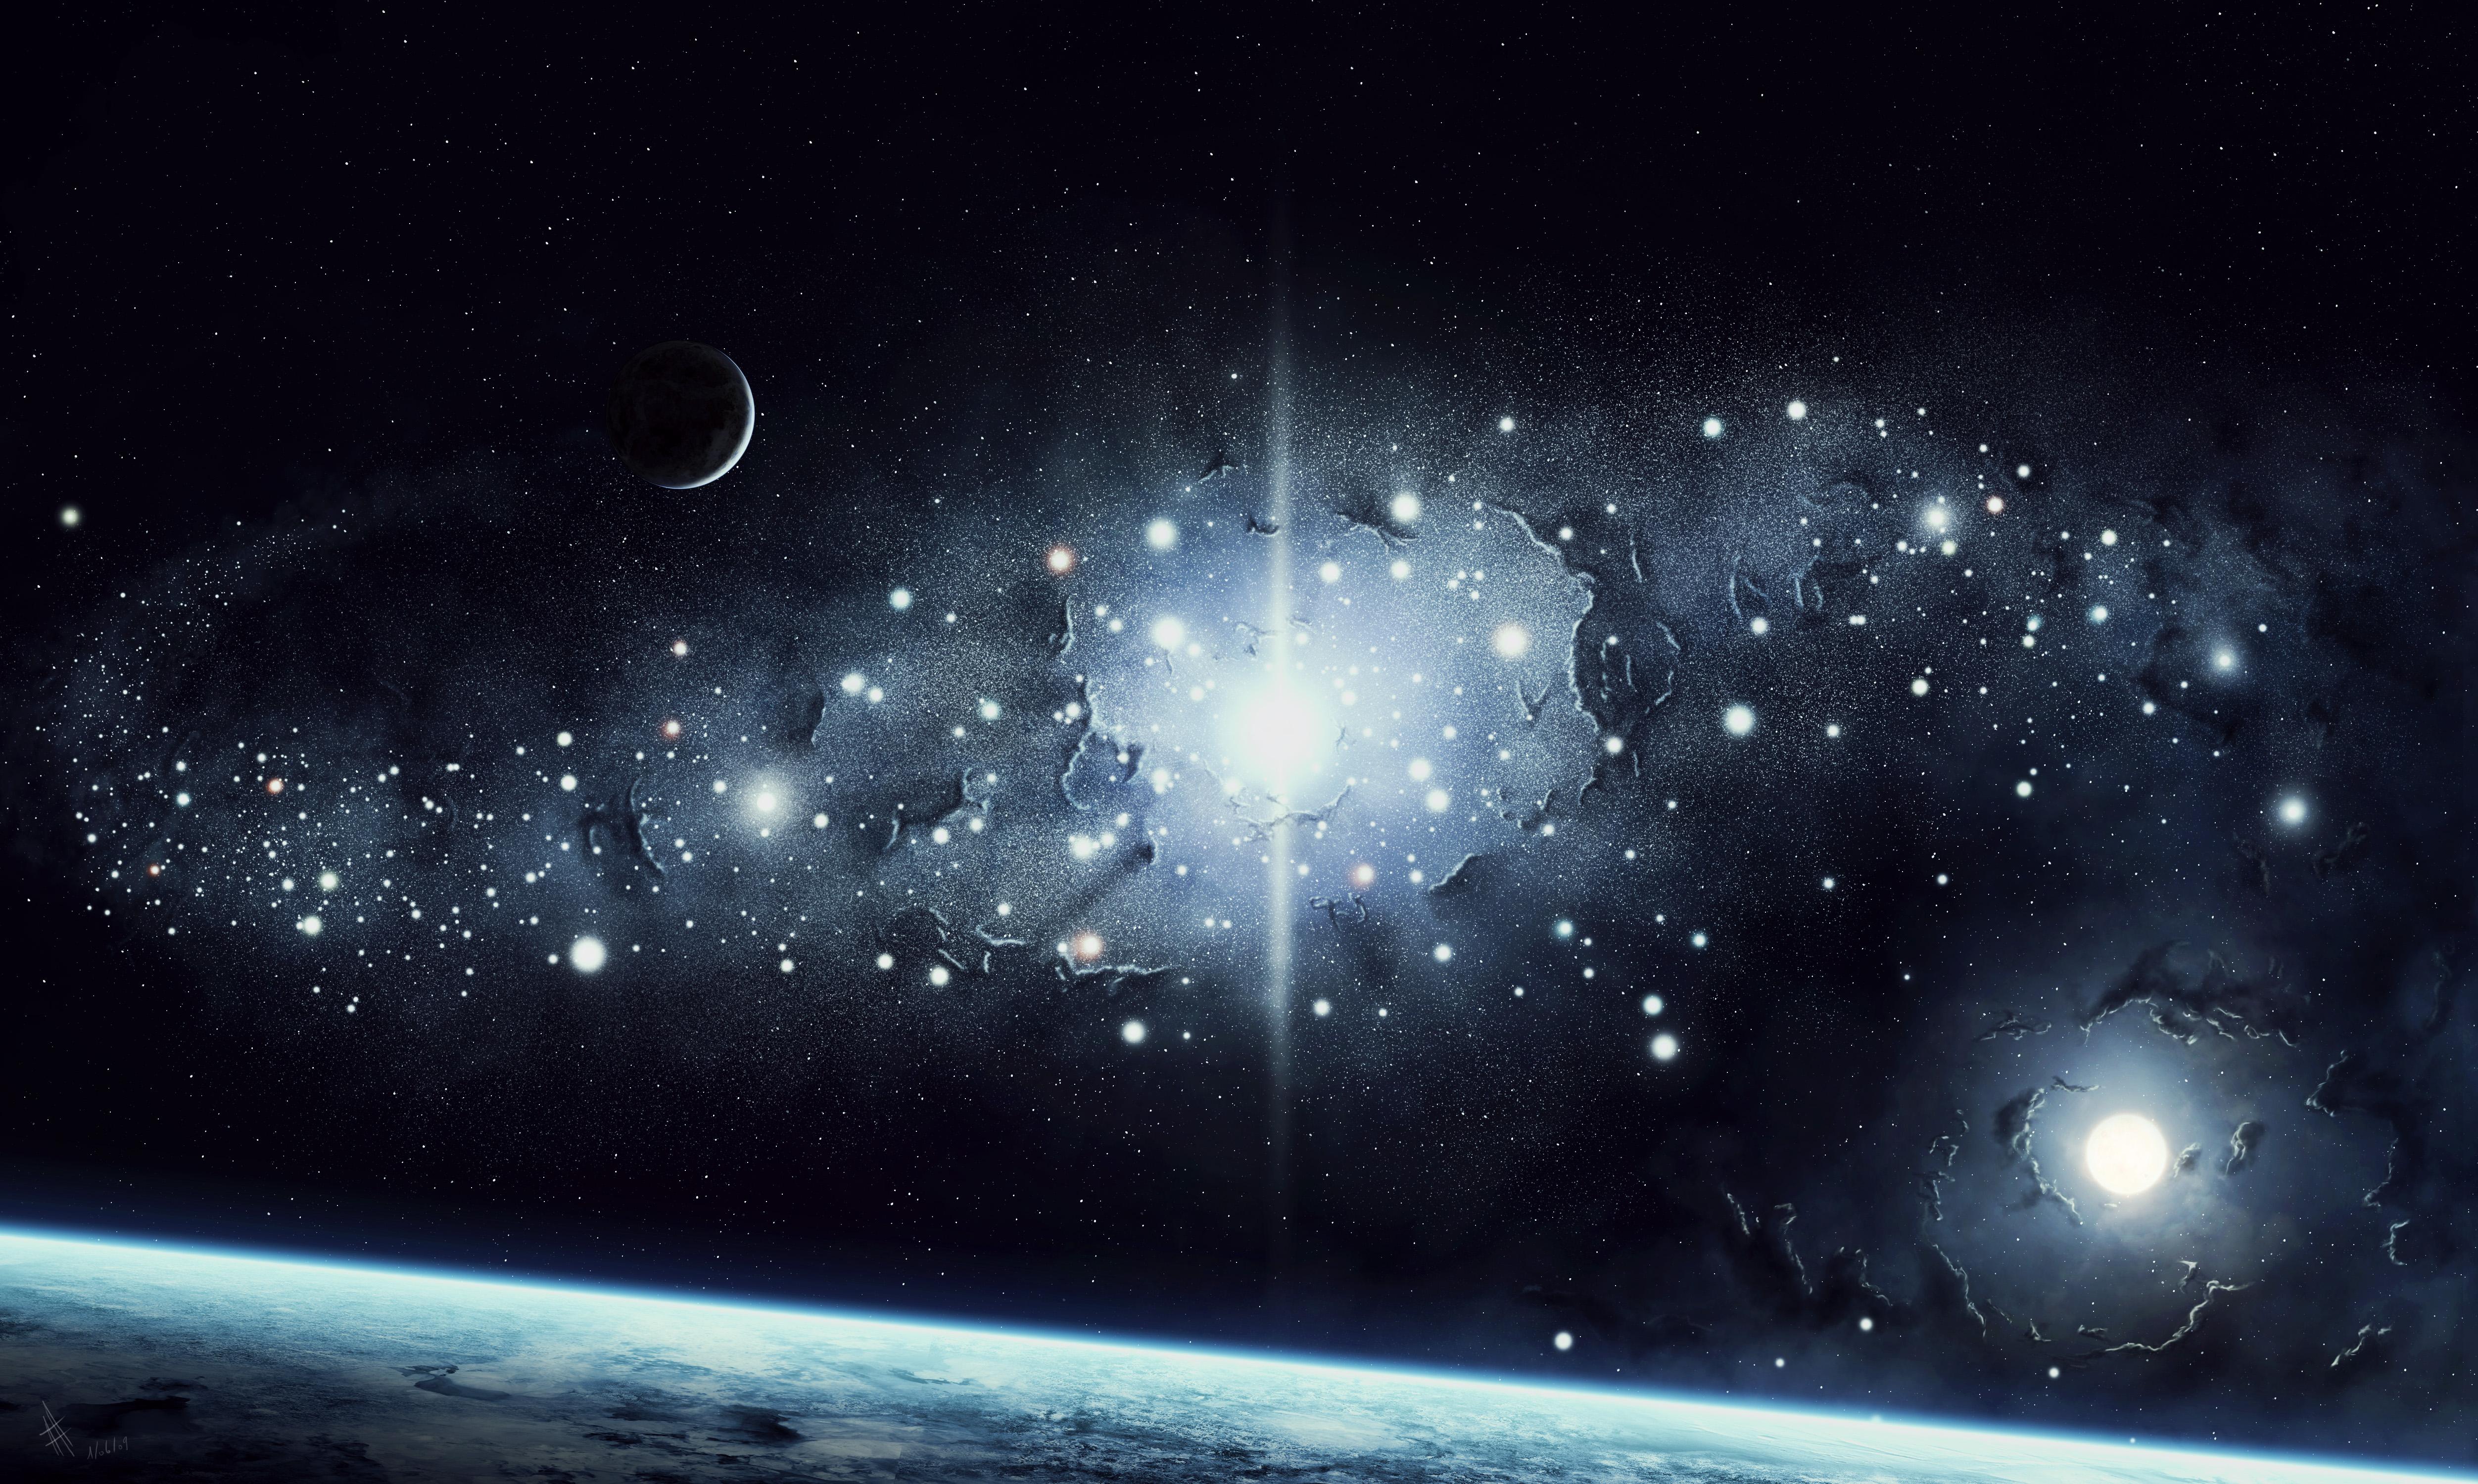 Moving Galaxies Wallpaper - WallpaperSafari